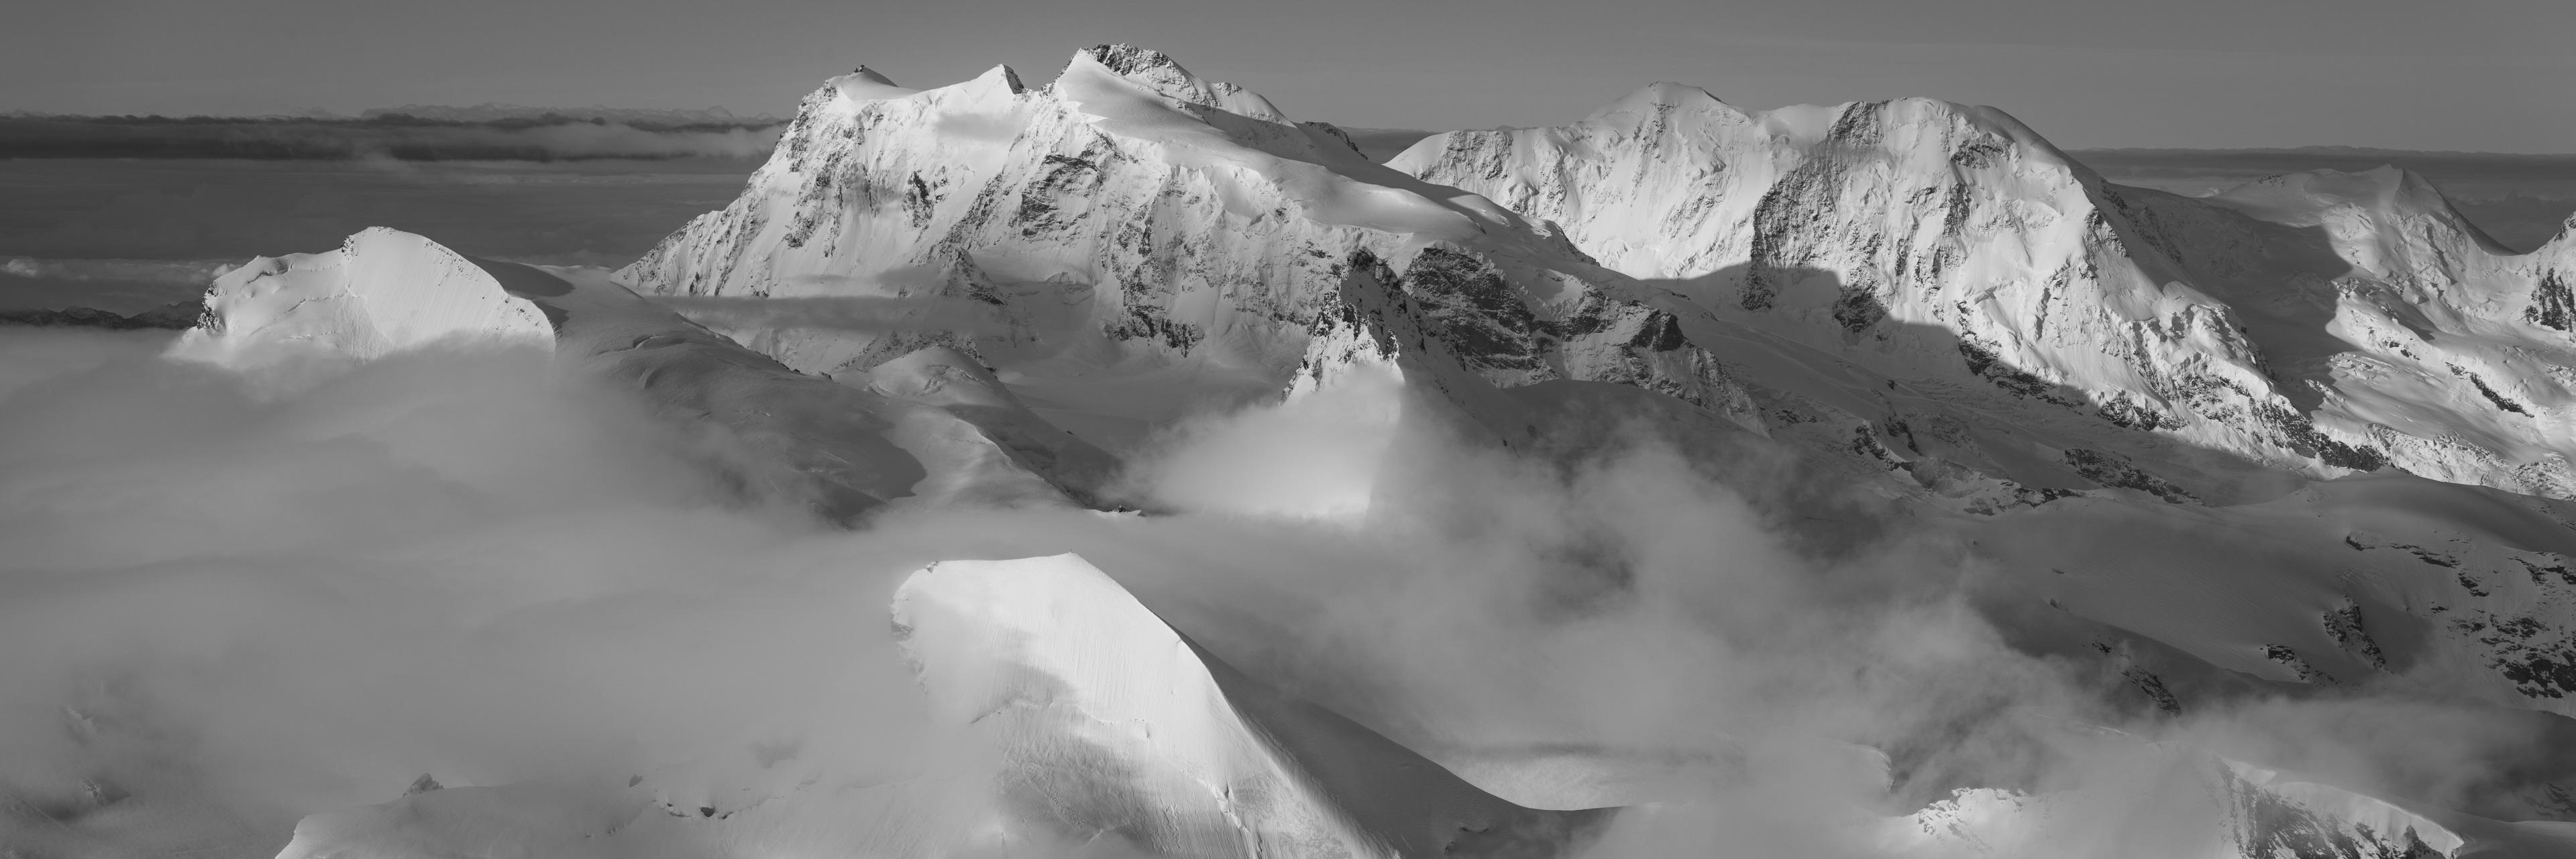 Montagne panorama - Massif montagneux Monte Rosa Lyskamm et Castor vu depuis Saas Fee - mer de nuage montagne